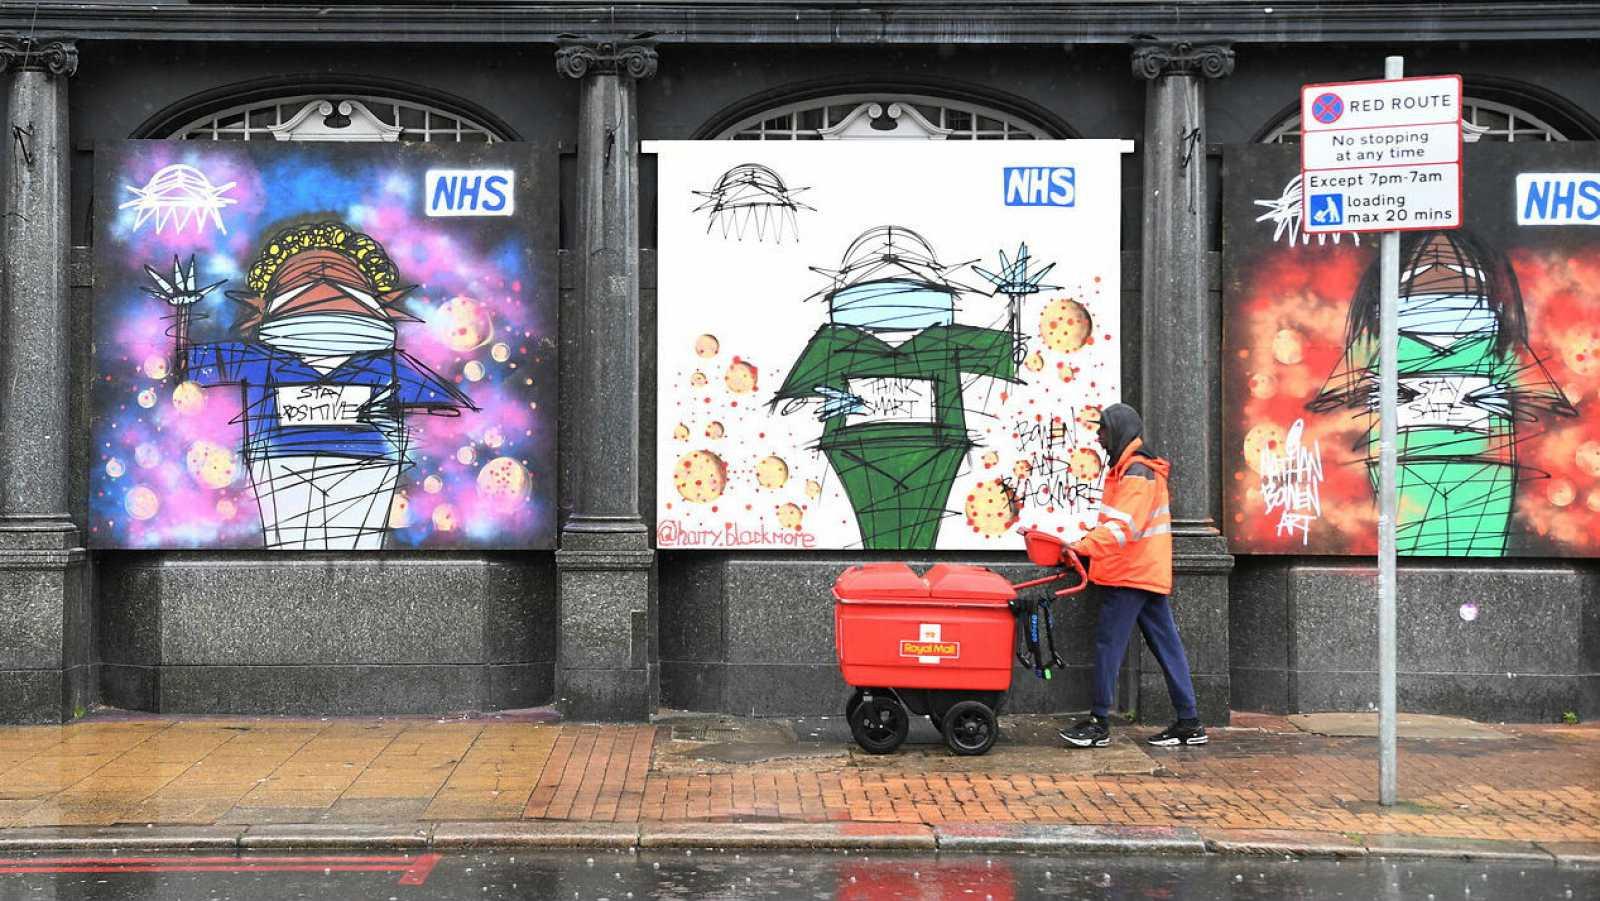 Un trabajador de Royal Mail pasa las obras de arte en apoyo del NHS (Servicio Nacional de Salud) en Londres, Reino Unido.